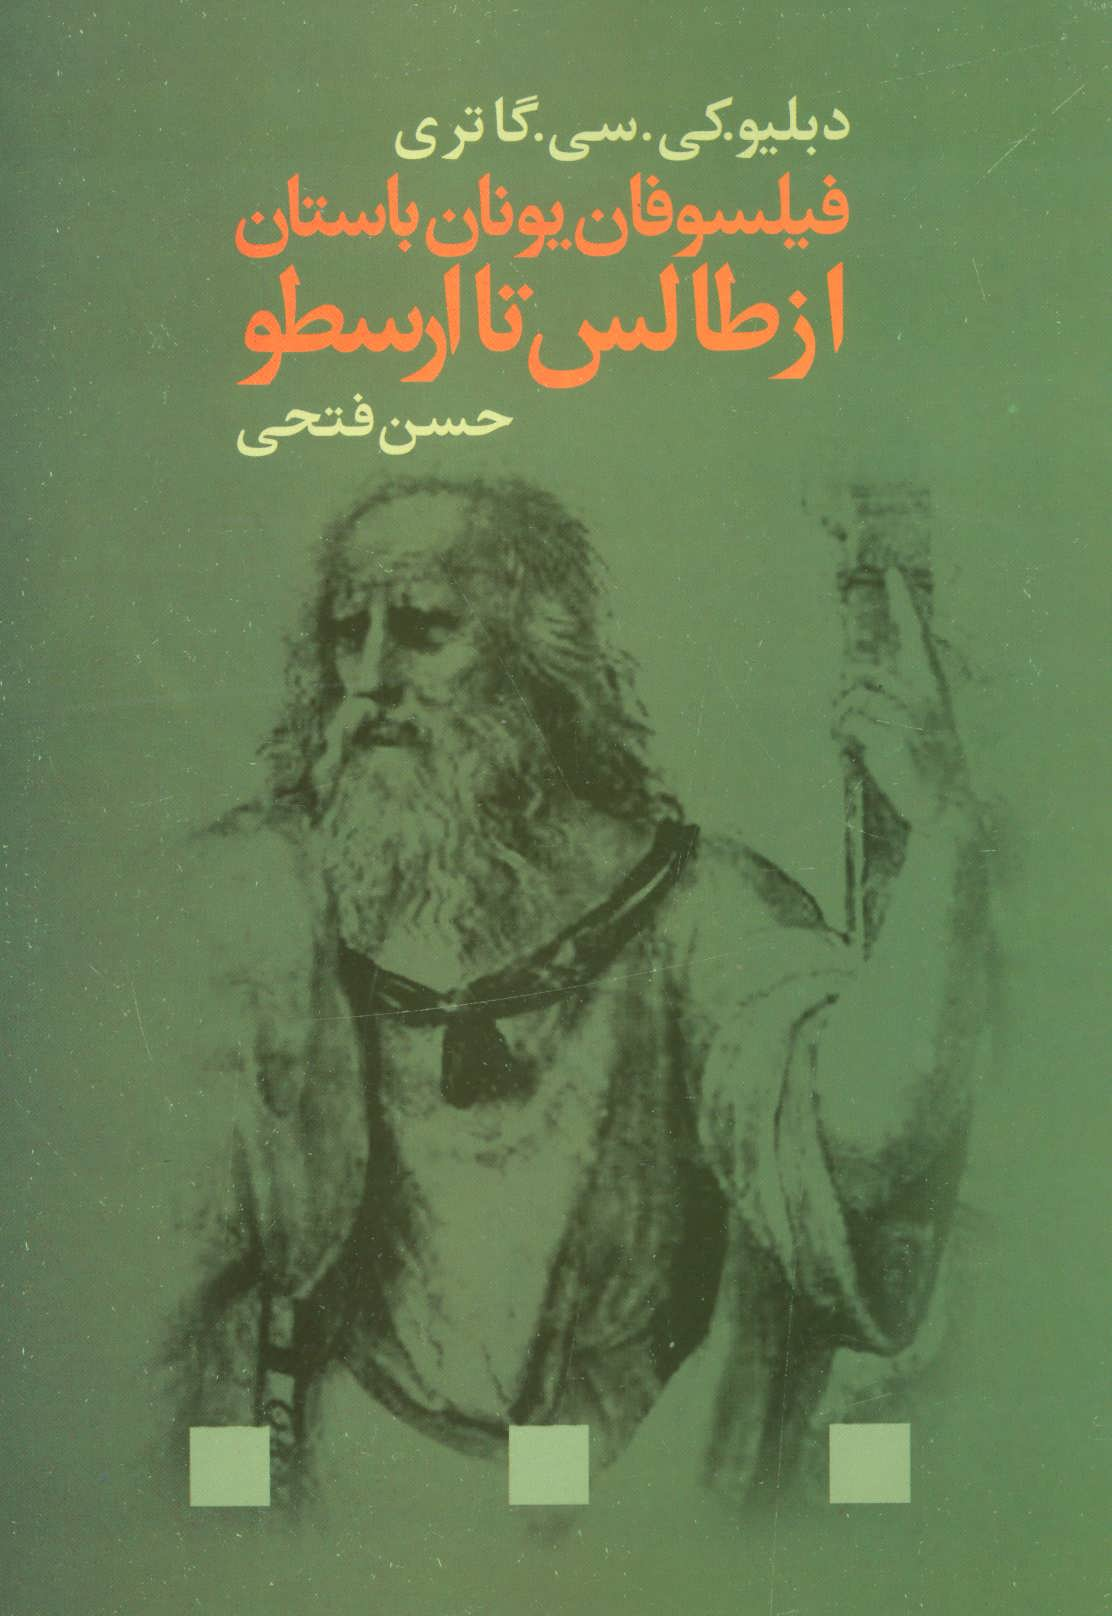 فیلسوفان یونان باستان از طالس تا ارسطو